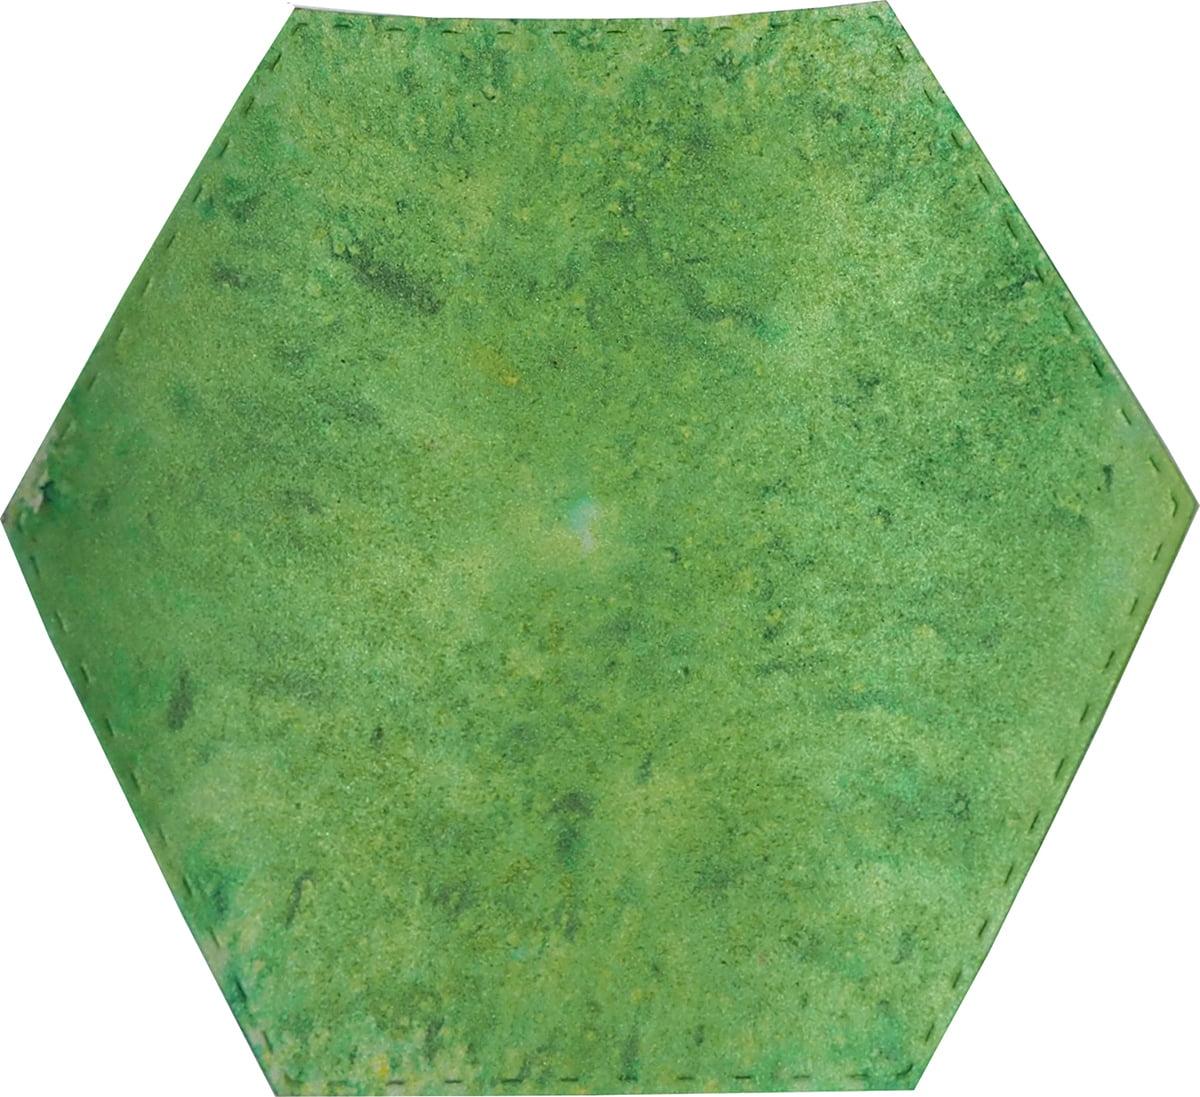 Cosmic Shimmer Shimmer Shaker-Lime Burst - image 1 of 1